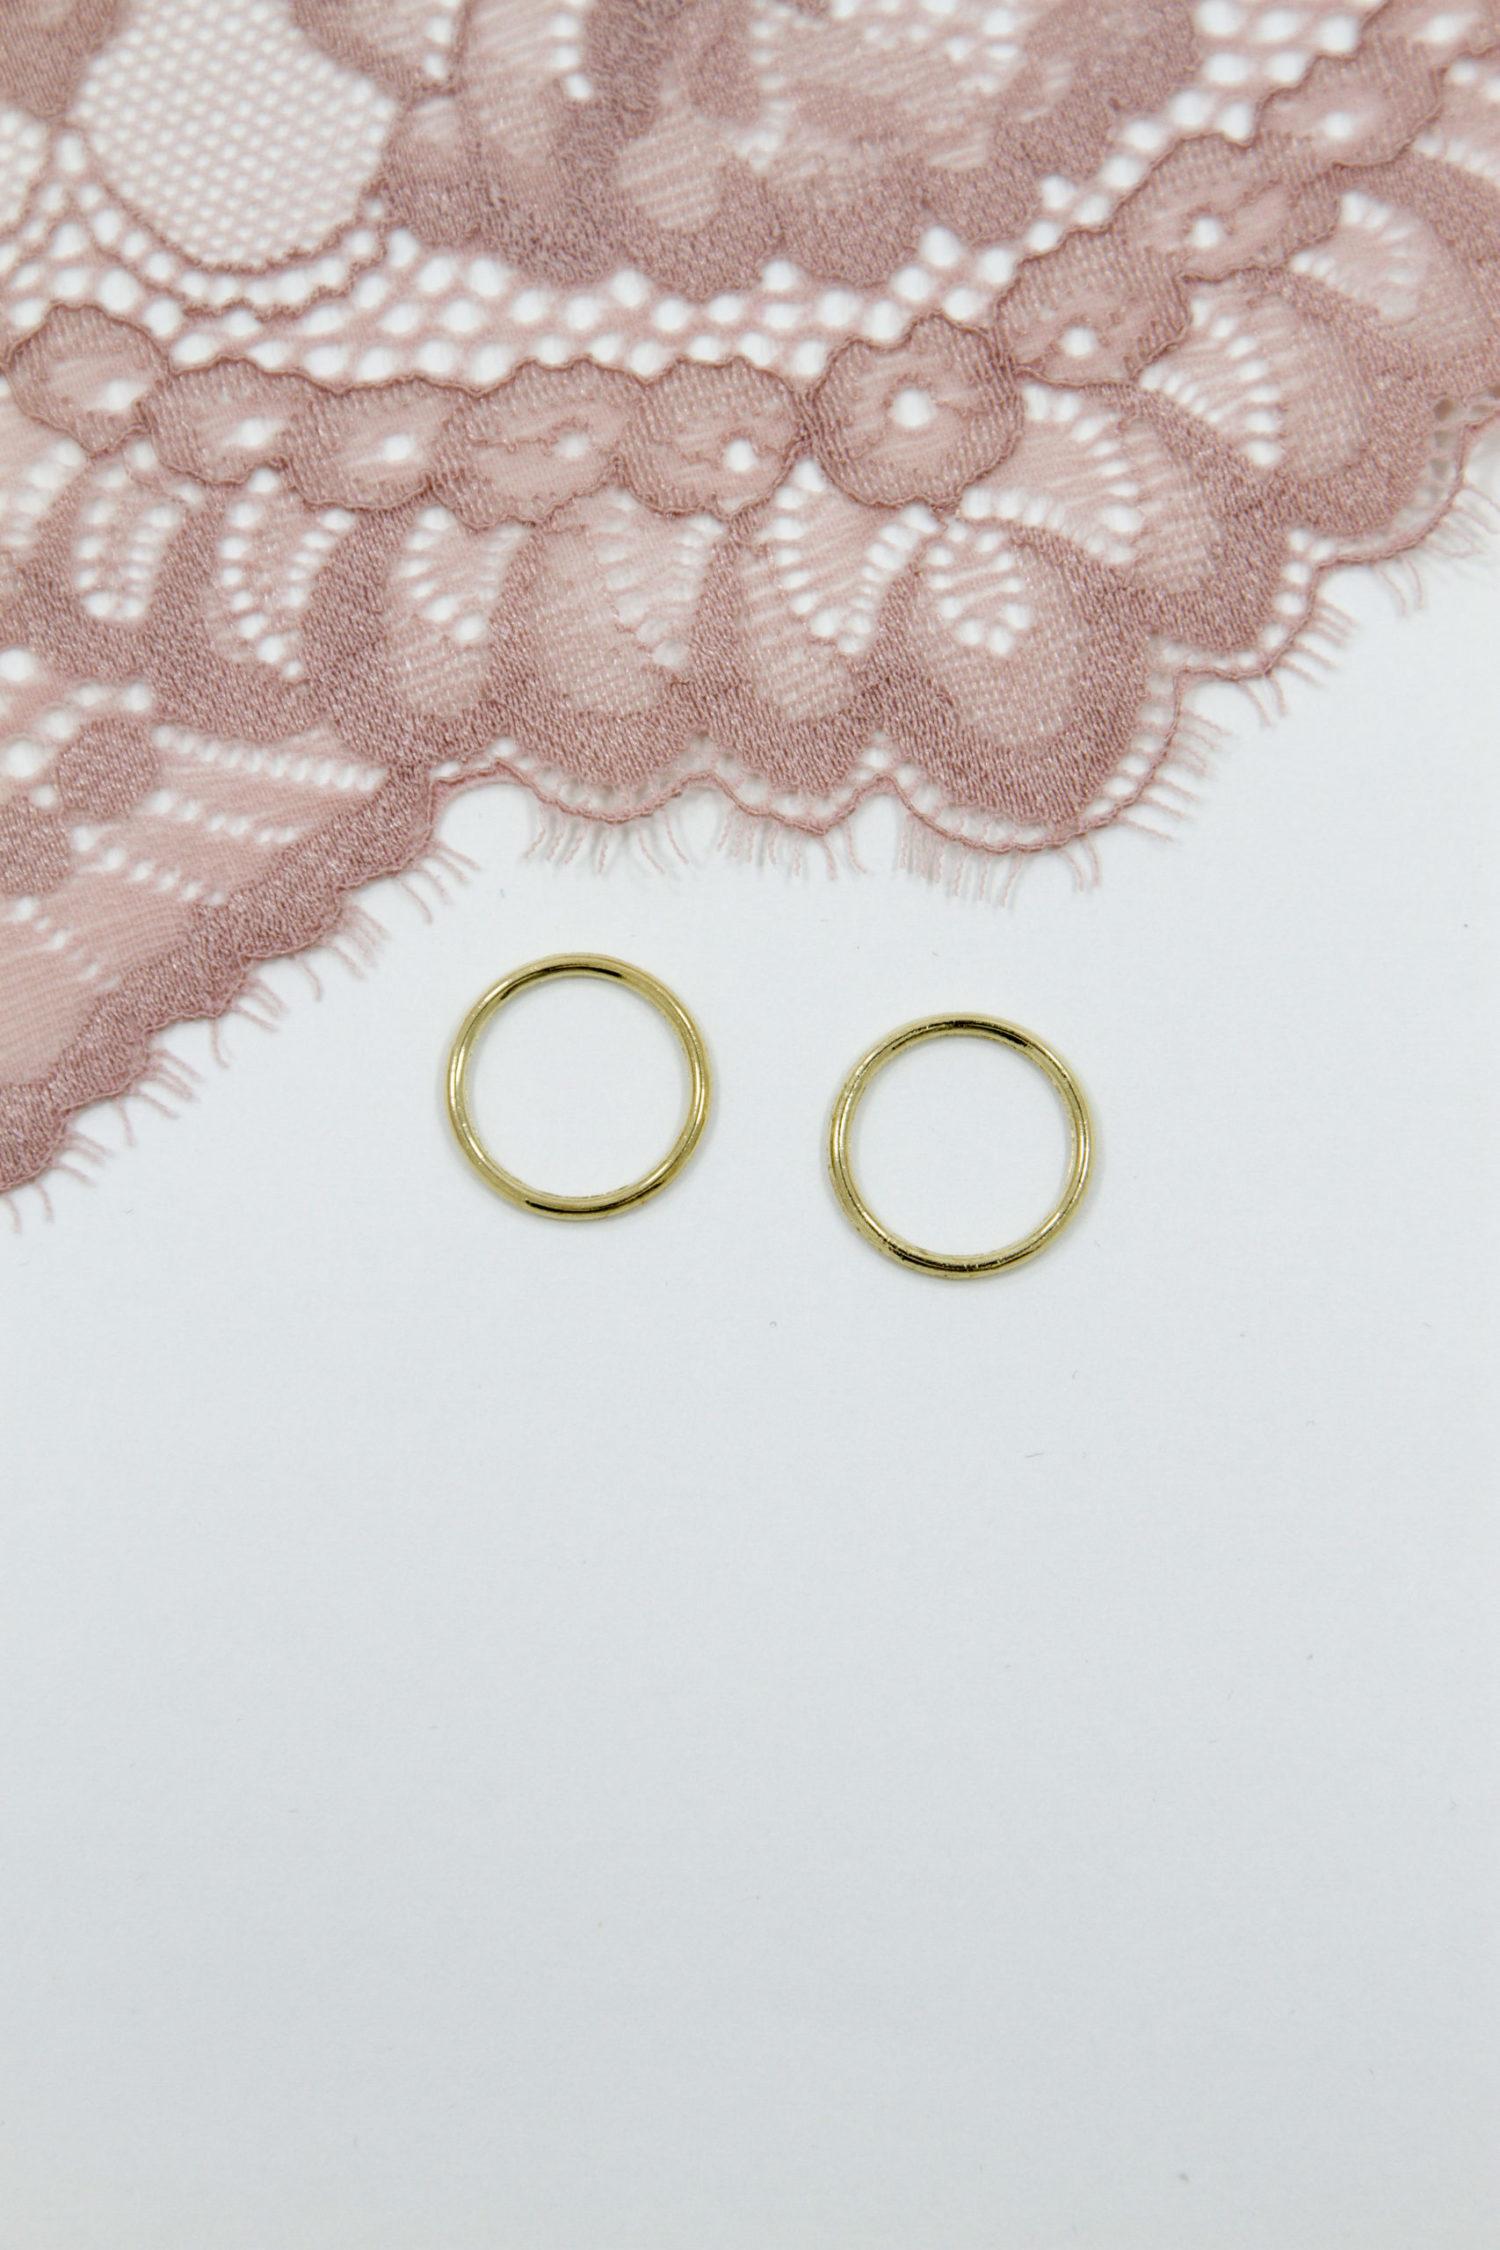 Кольцо металлическое бельевое 1.5 см светлое золотое